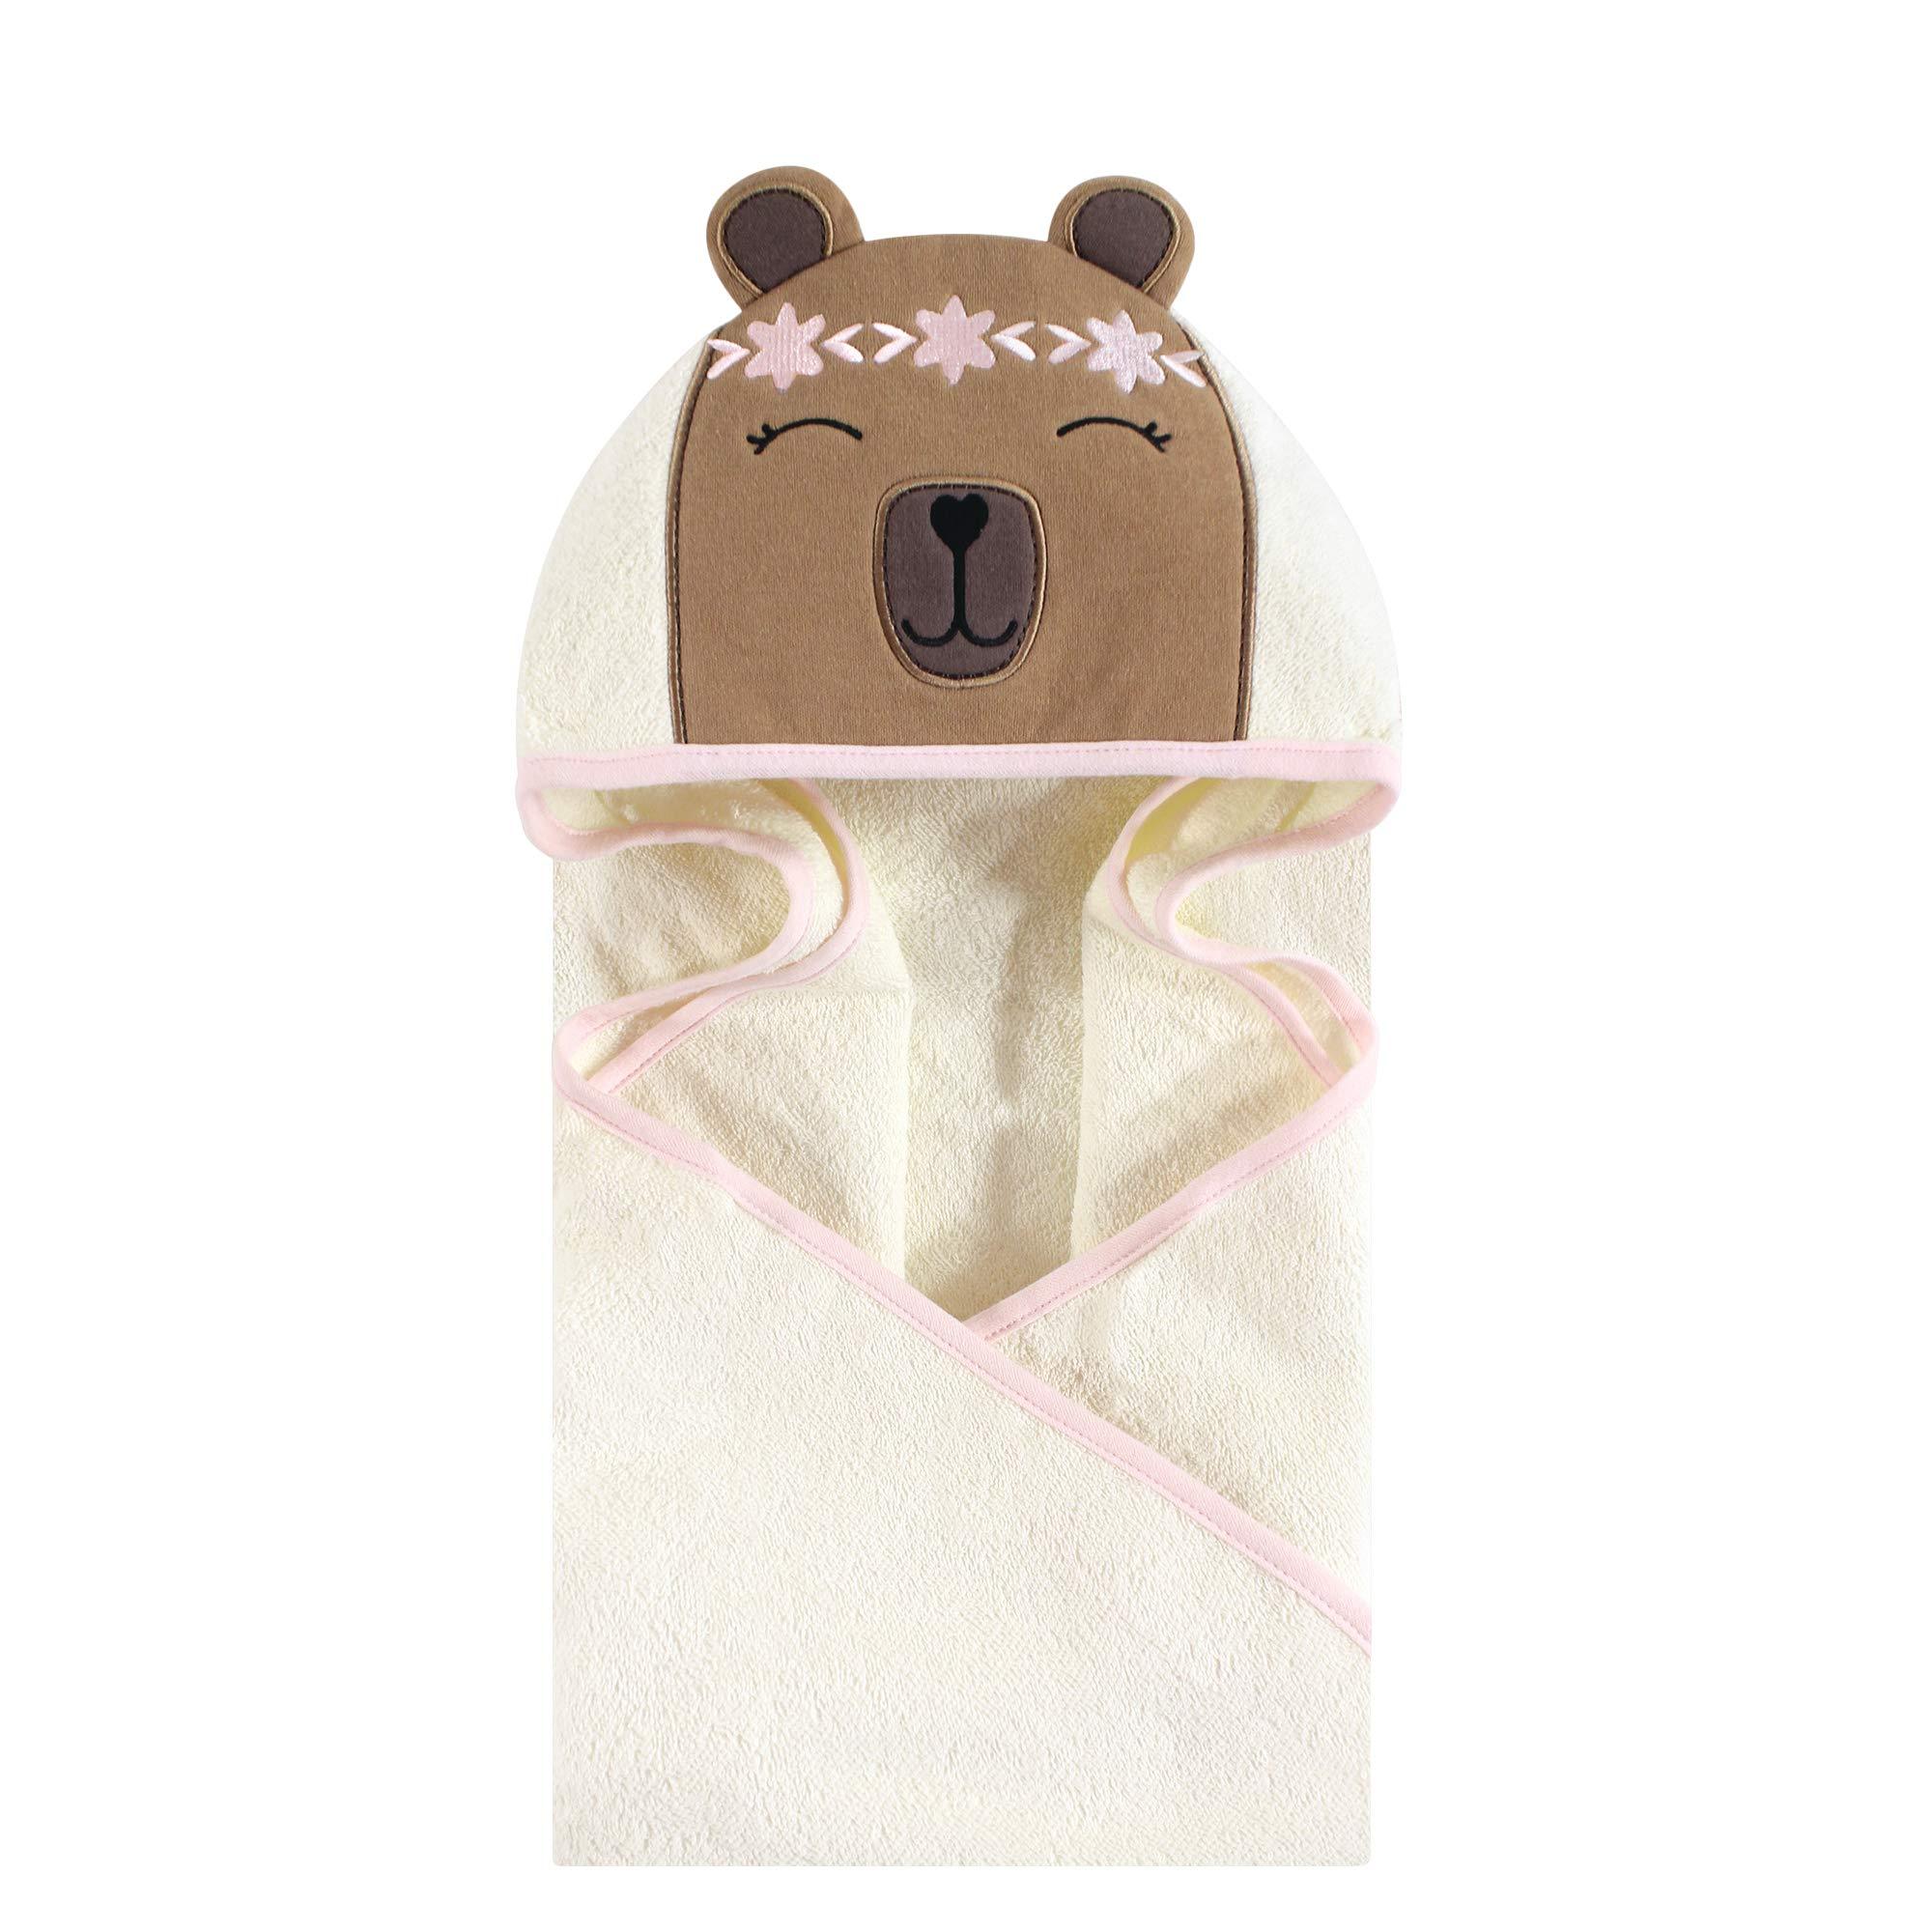 Hudson Baby Unisex Baby Cotton Animal Face Hooded Towel, Boho Bear, One Size